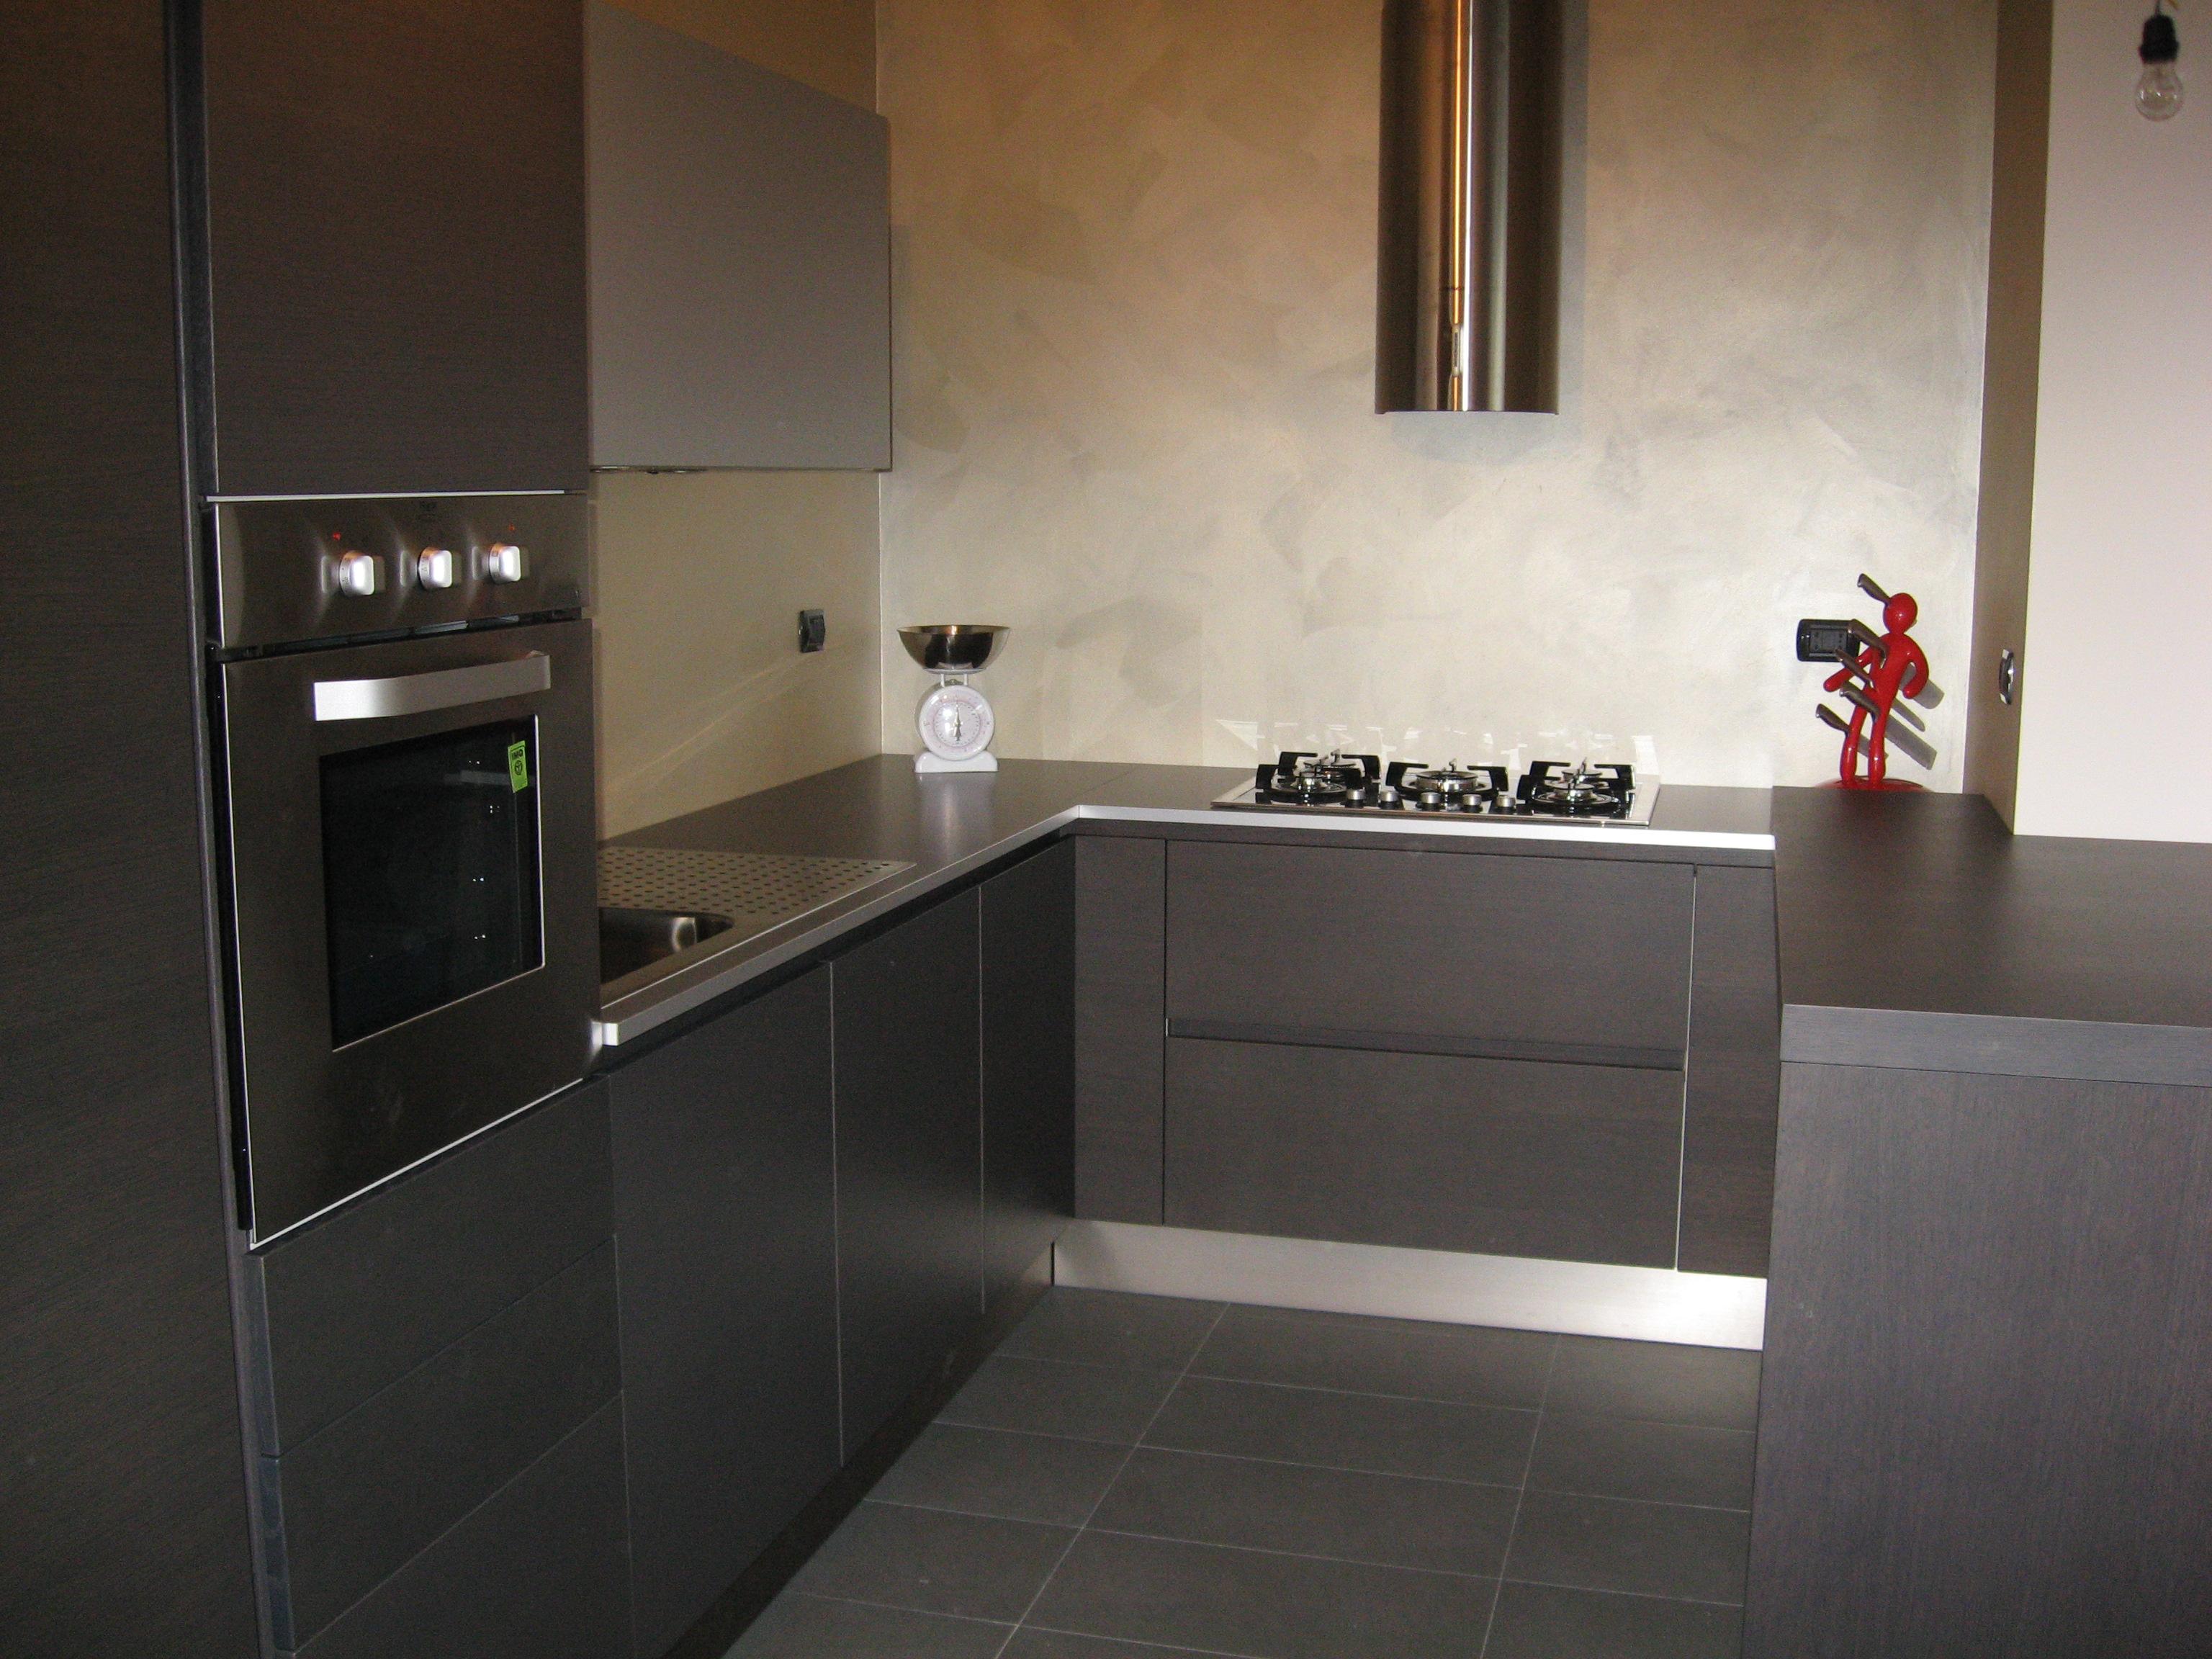 Immagini Cucine Ad Angolo cucine ad angolo: cosa occorre sapere per scegliere la